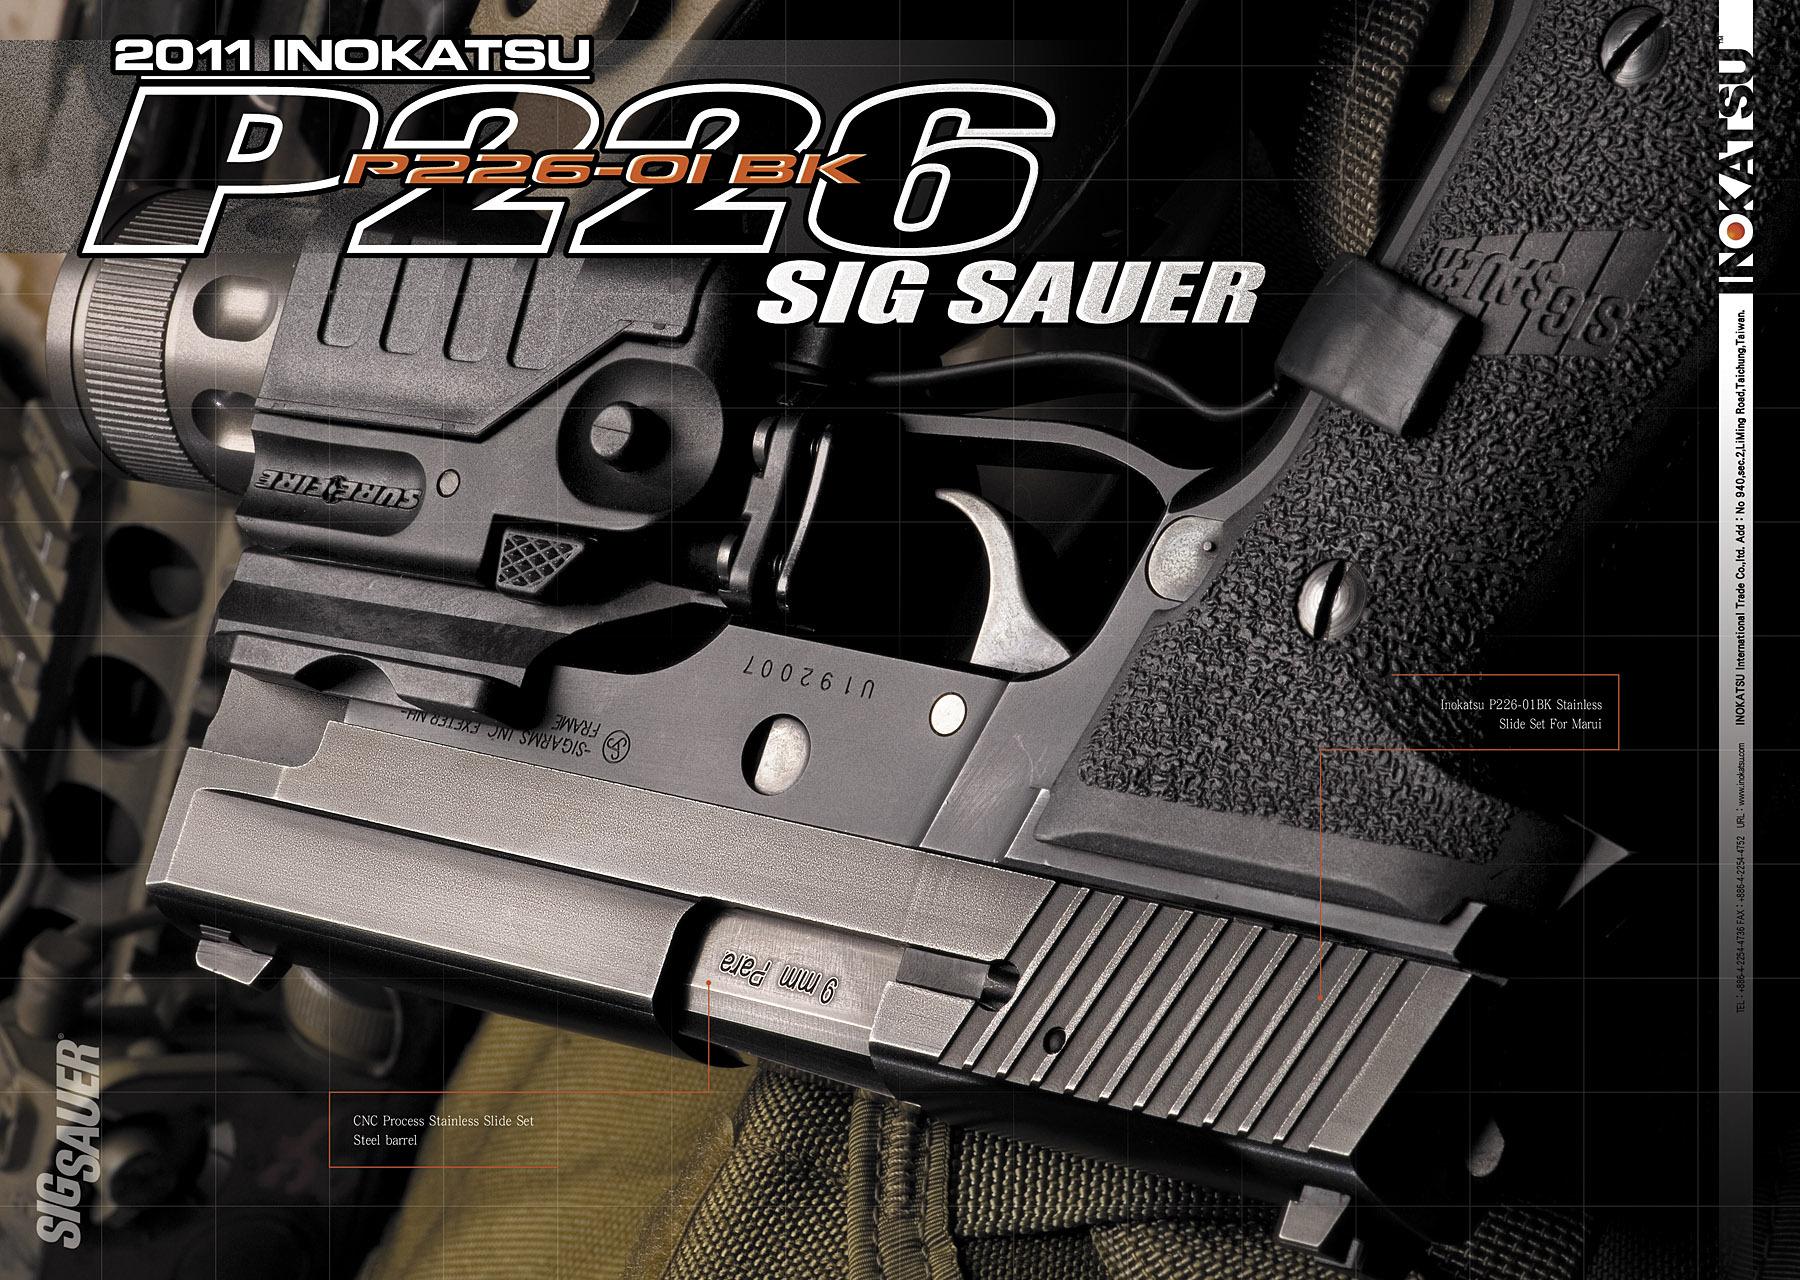 Inokatsu P226 kit